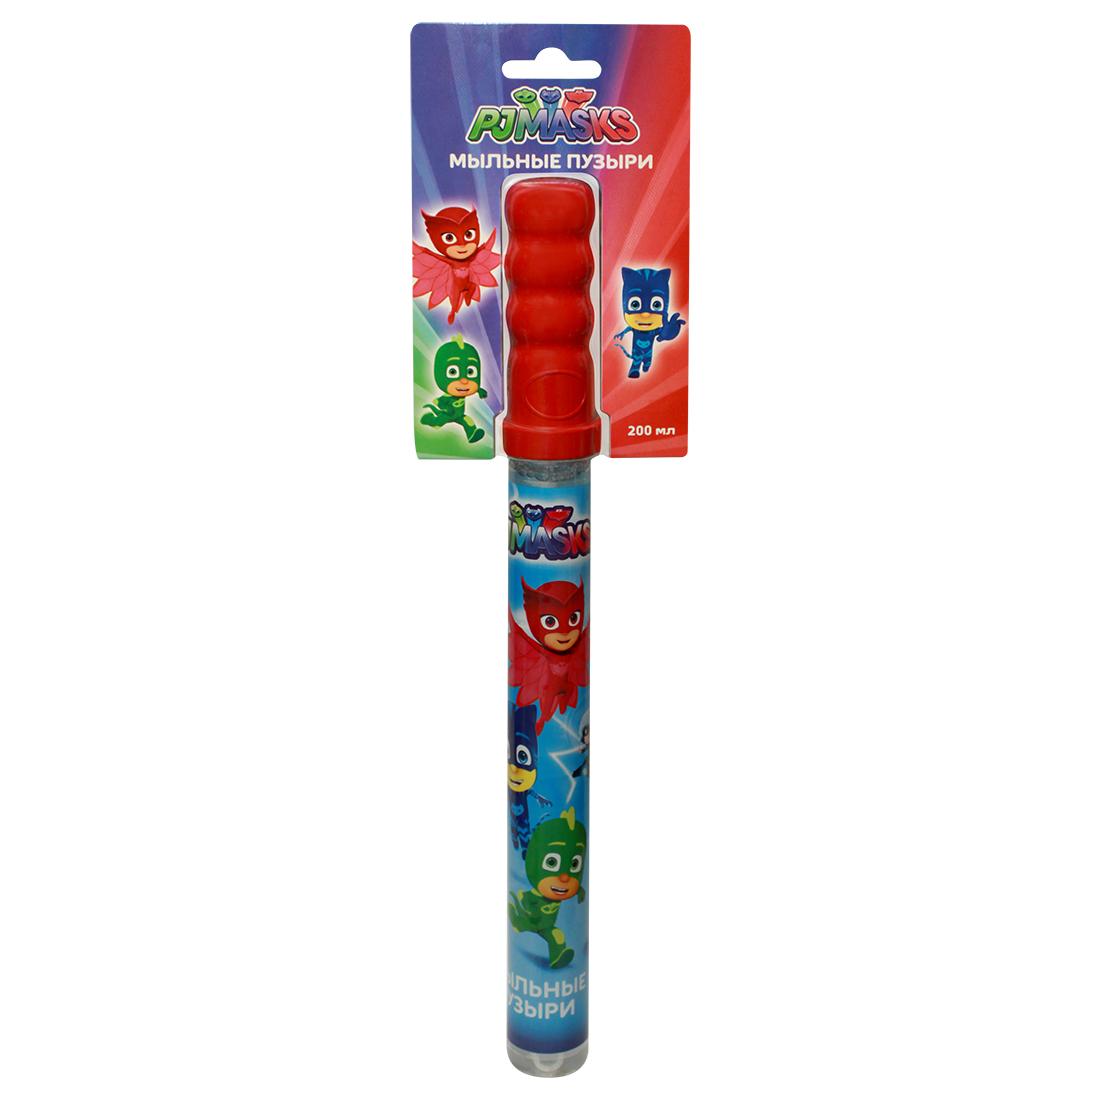 Купить Мыльные пузыри Герои в масках™ - Волшебная палочка, 200 мл, Росмэн